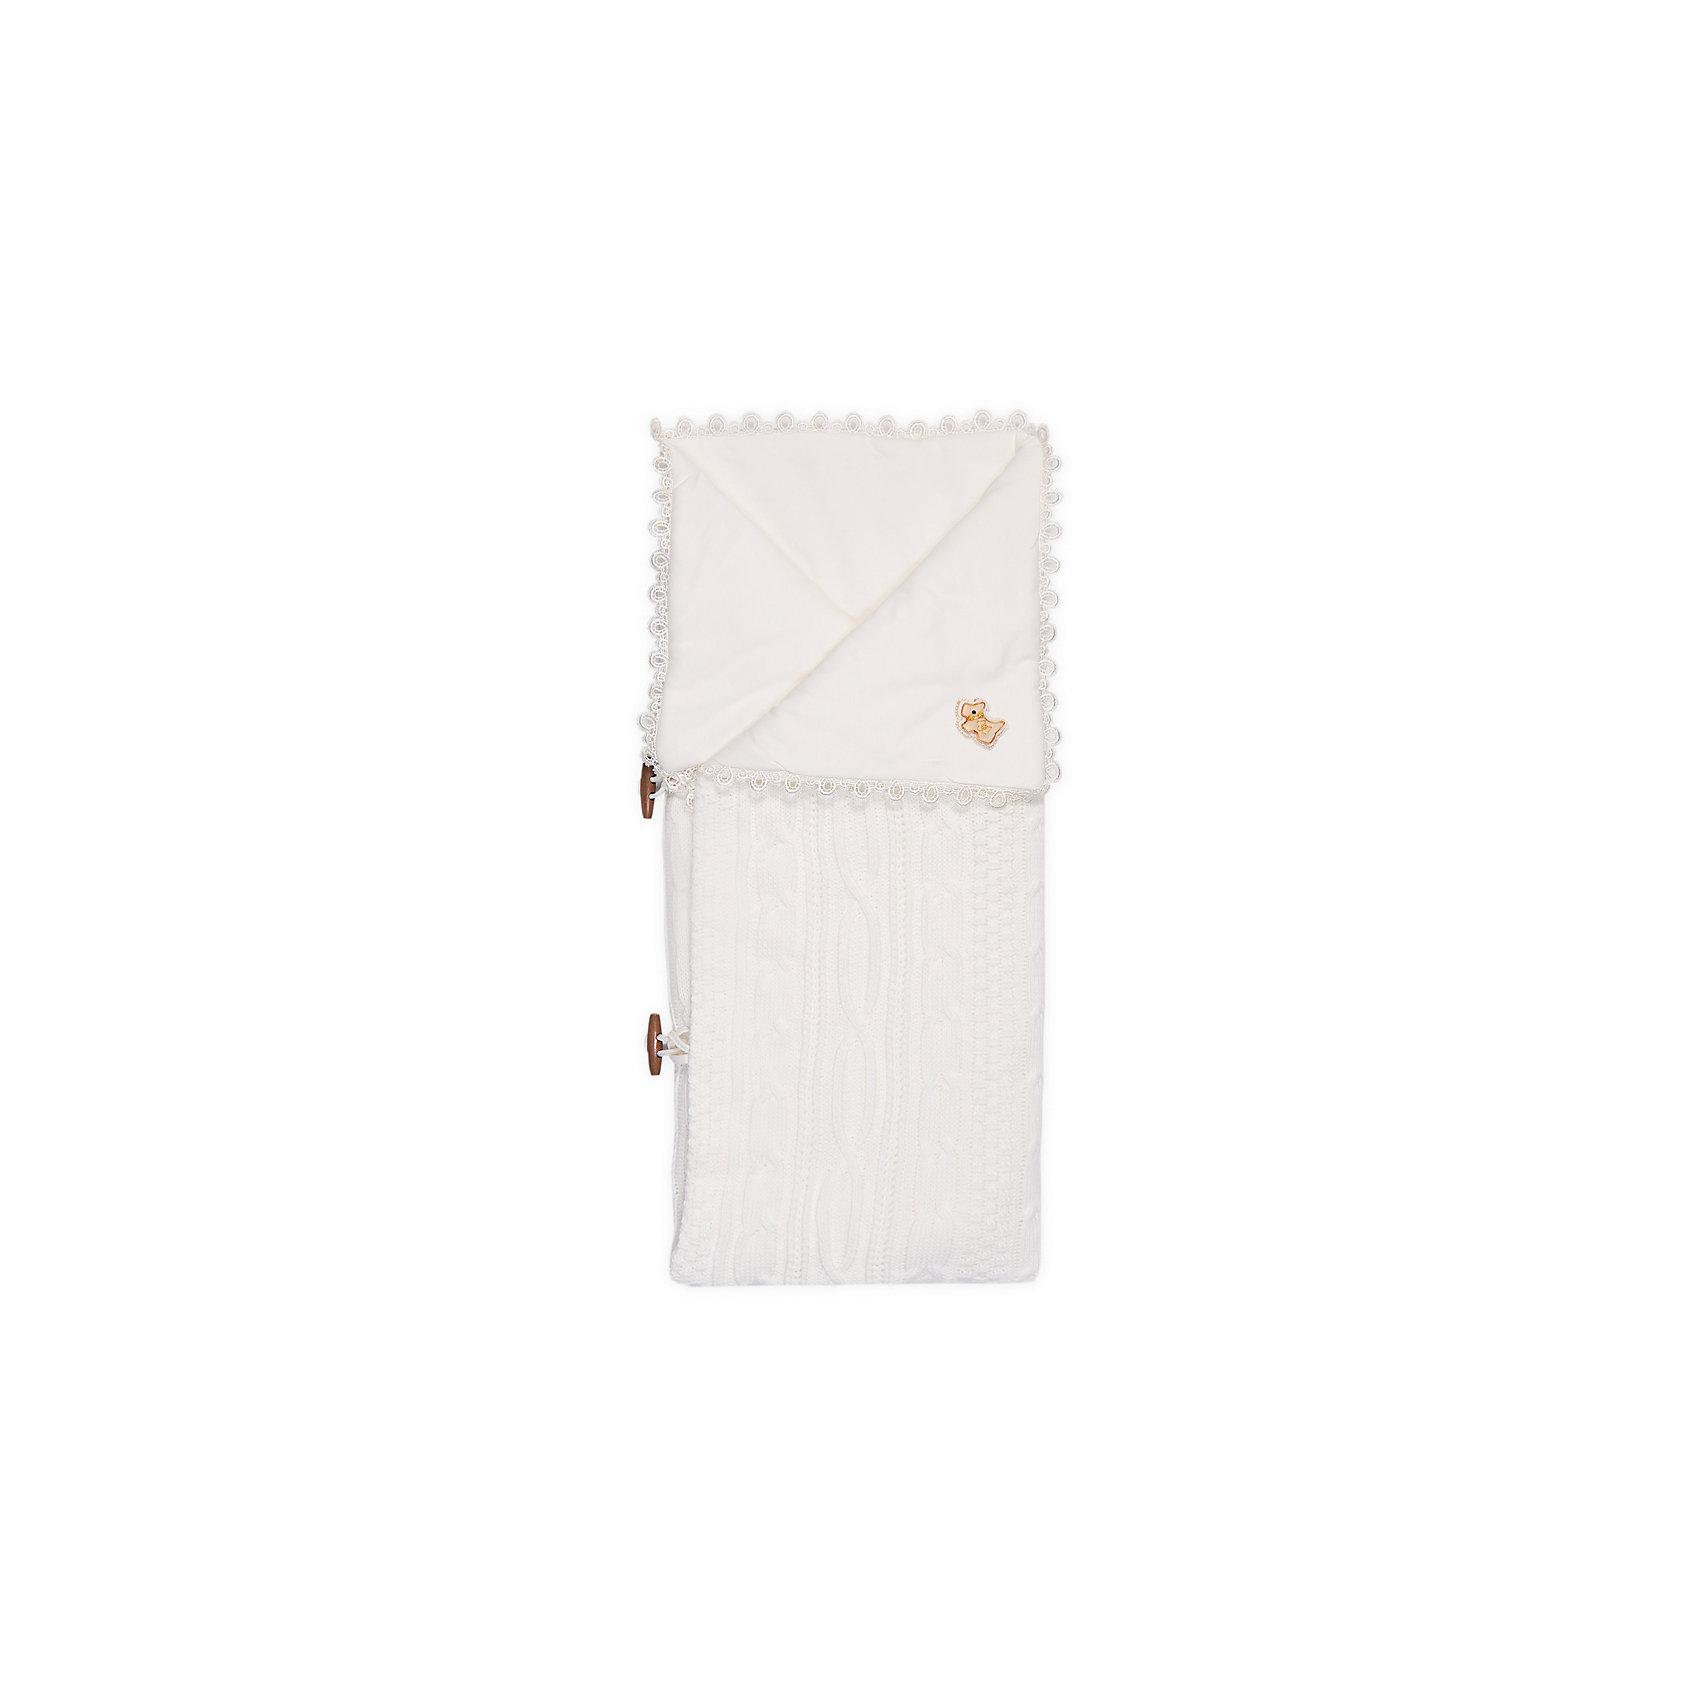 Конверт-одеяло Малышок Сонный гномикКонверт-одеяло Малышок Сонный гномик – это лучший выбор родителей, которые хотят подарить ребенку ощущение комфорта с первых дней жизни.<br>Конверт-одеяло Малышок прекрасно подойдет для выписки новорожденного из роддома в теплое время года. В дальнейшем его можно использовать во время прогулок с малышом в коляске-люльке или в качестве удобного коврика для пеленания. Конверт легко трансформируется в плед. Верх конверта вязаное полотно, подкладка трикотаж (100% хлопок). В качестве утеплителя используется синтепон. Благодаря размерам и практичному материалу конверт-одеяло очень удобен в использовании.<br><br>Дополнительная информация:<br><br>- Верхняя ткань: вязаное полотно<br>- Подкладка: трикотаж 100% хлопок<br>- Утеплитель: синтепоном <br>- Размер: 90х68 см.<br><br>Конверт-одеяло Малышок Сонный гномик можно купить в нашем интернет-магазине.<br><br>Ширина мм: 330<br>Глубина мм: 40<br>Высота мм: 700<br>Вес г: 250<br>Возраст от месяцев: 0<br>Возраст до месяцев: 6<br>Пол: Унисекс<br>Возраст: Детский<br>SKU: 4162034